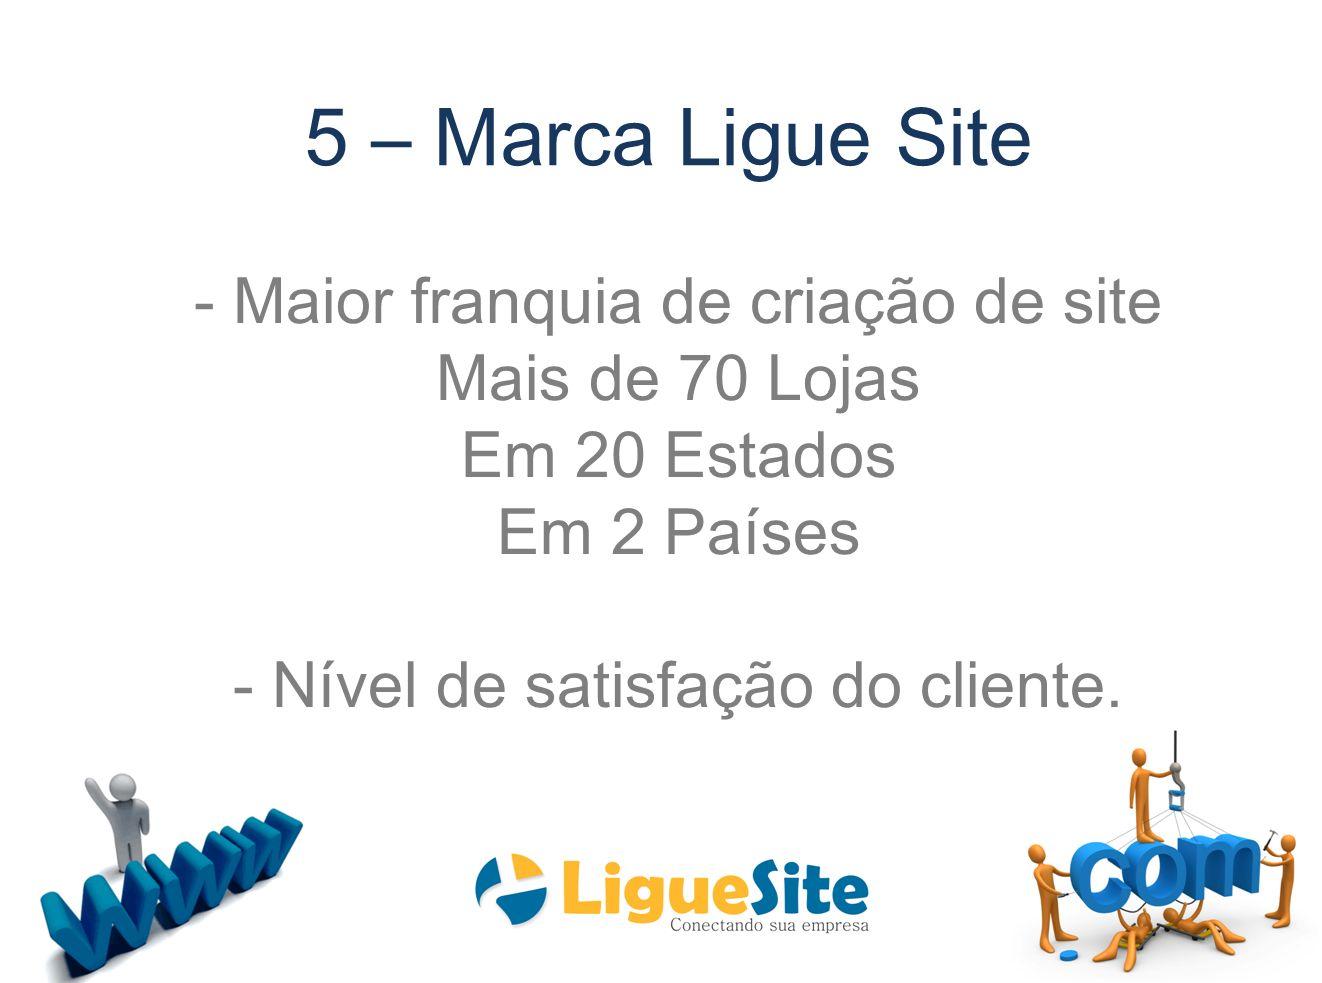 5 – Marca Ligue Site - Maior franquia de criação de site Mais de 70 Lojas Em 20 Estados Em 2 Países - Nível de satisfação do cliente.